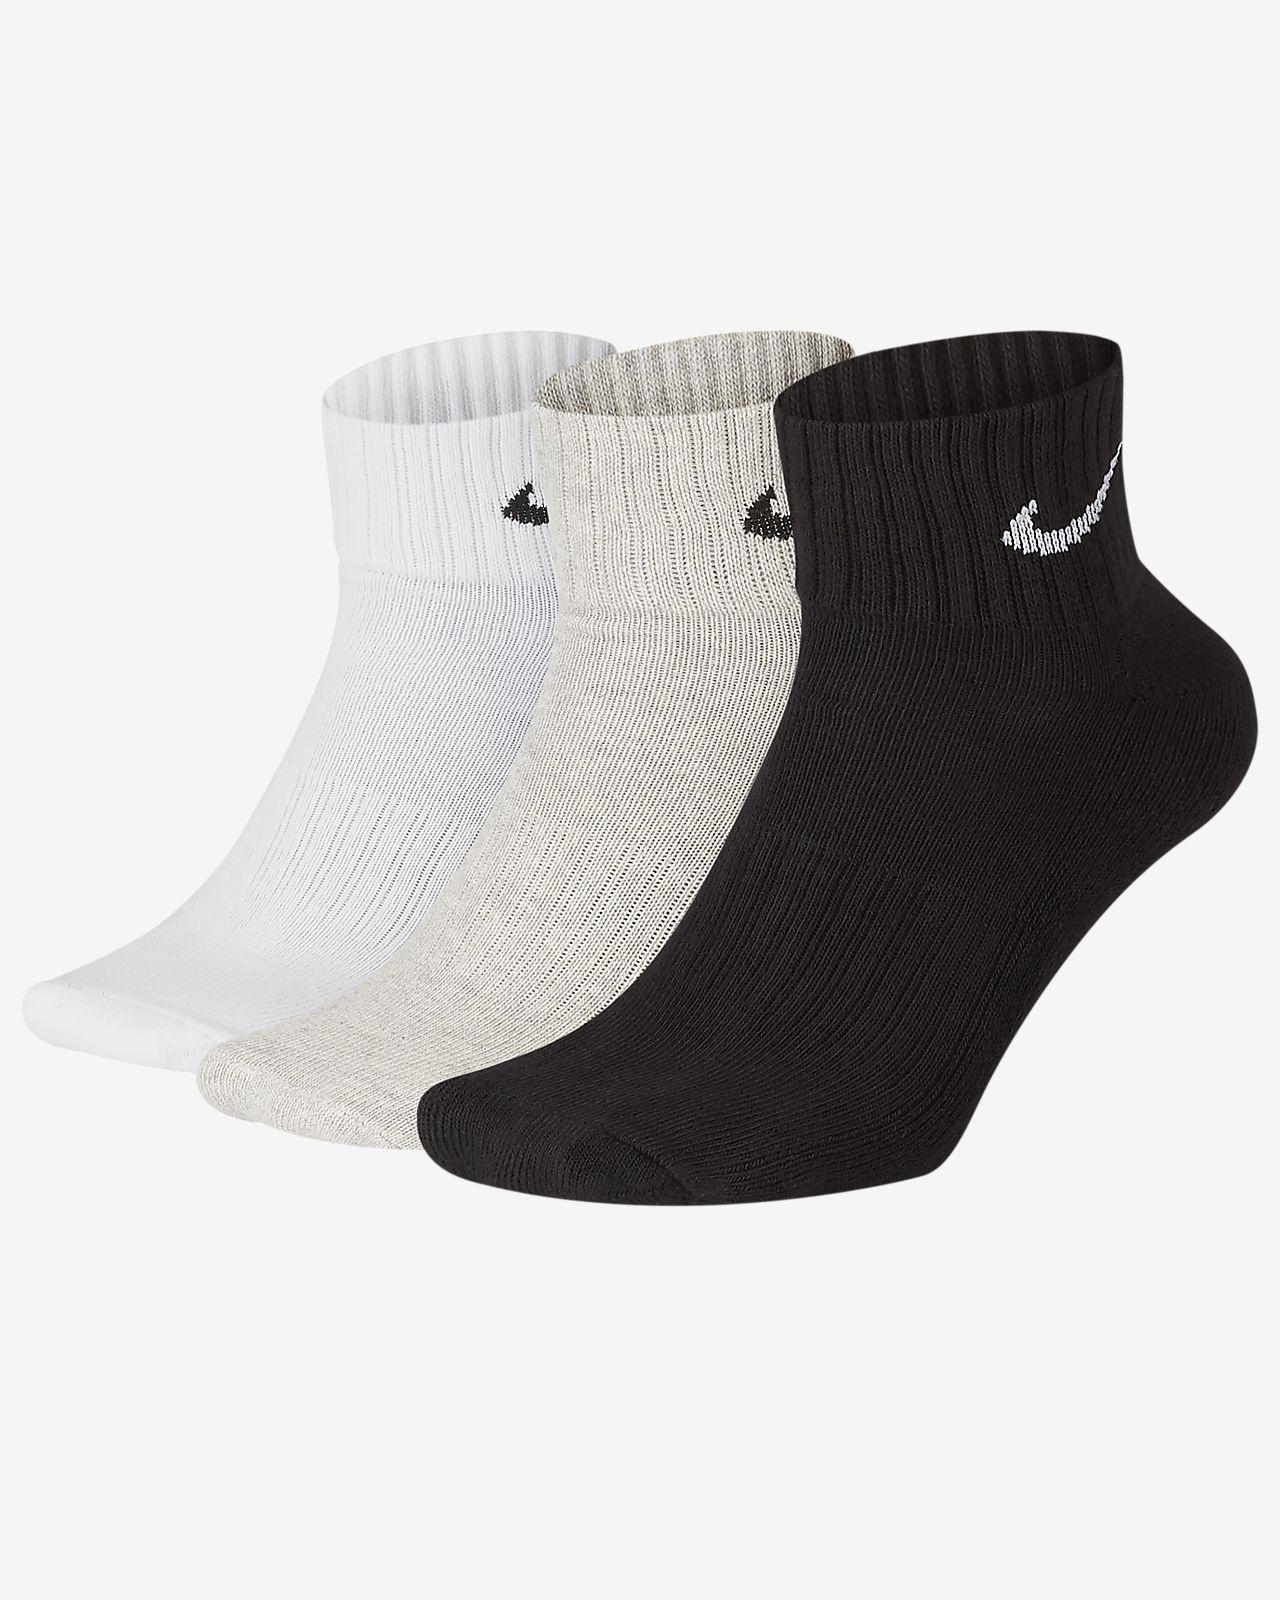 Nike Cushion Antrenman Bilek Çorapları (3 Çift)